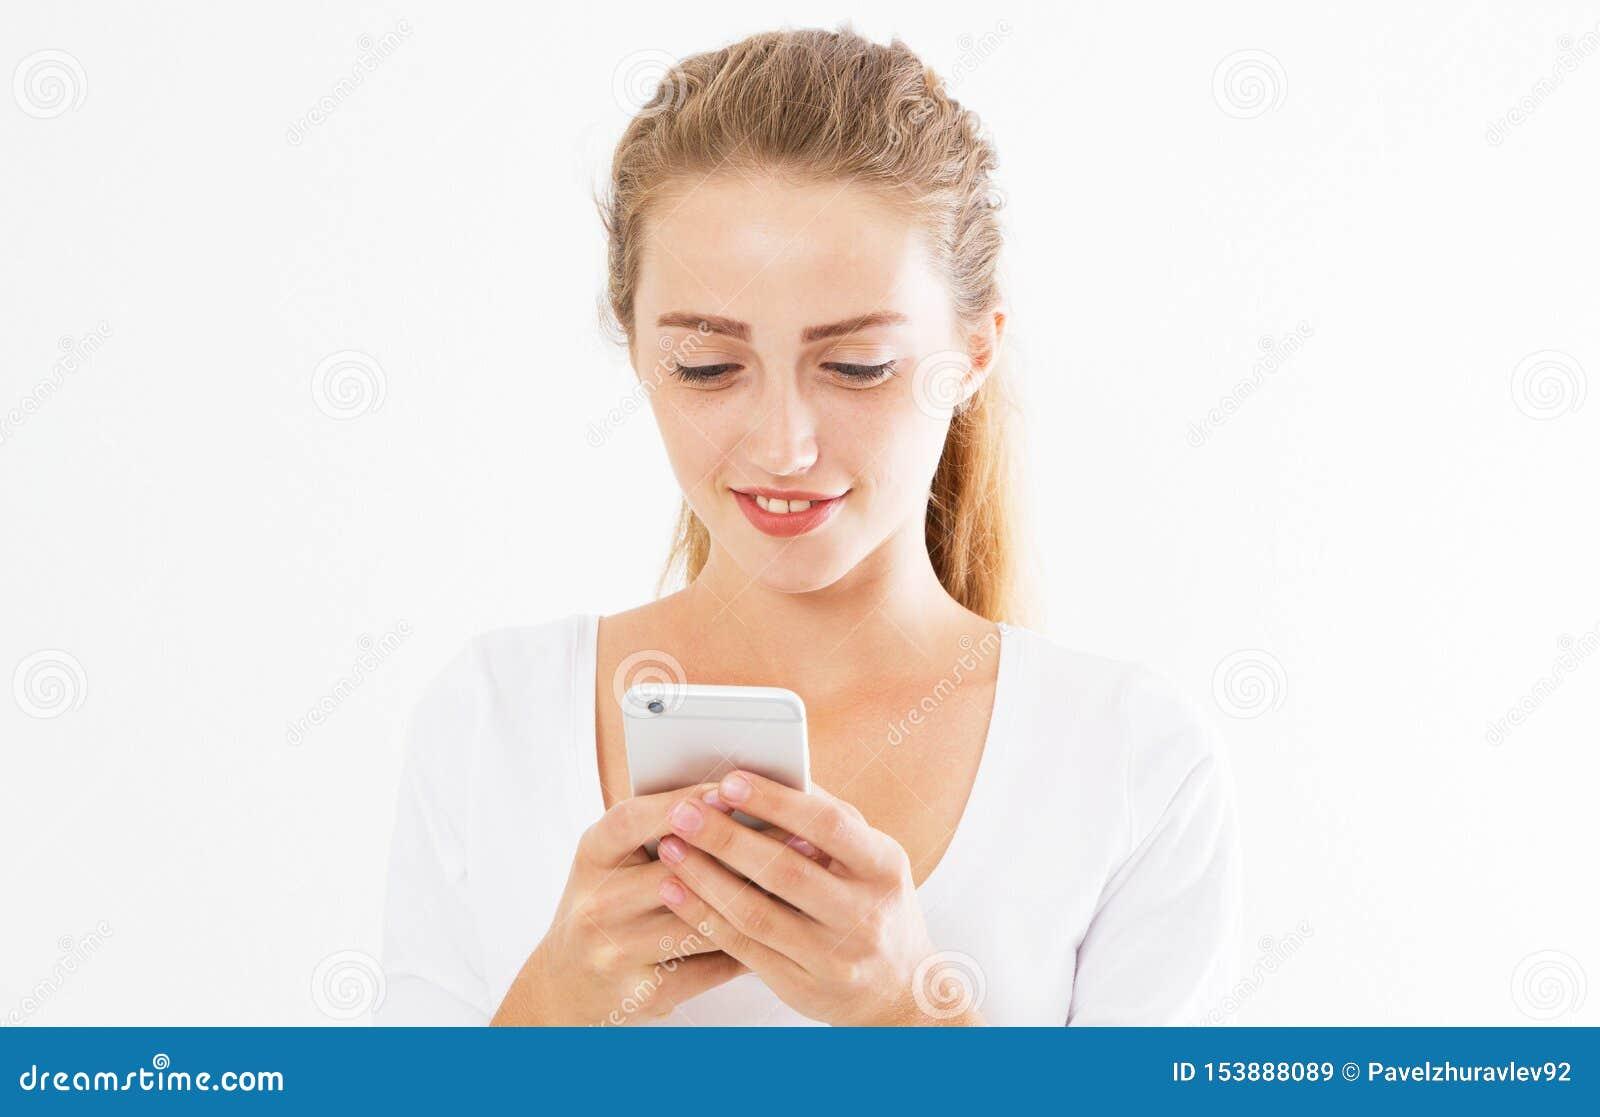 La muchacha alegre encantadora est? leyendo el mensaje de texto agradable en el tel?fono m?vil de su novio durante su tiempo de r